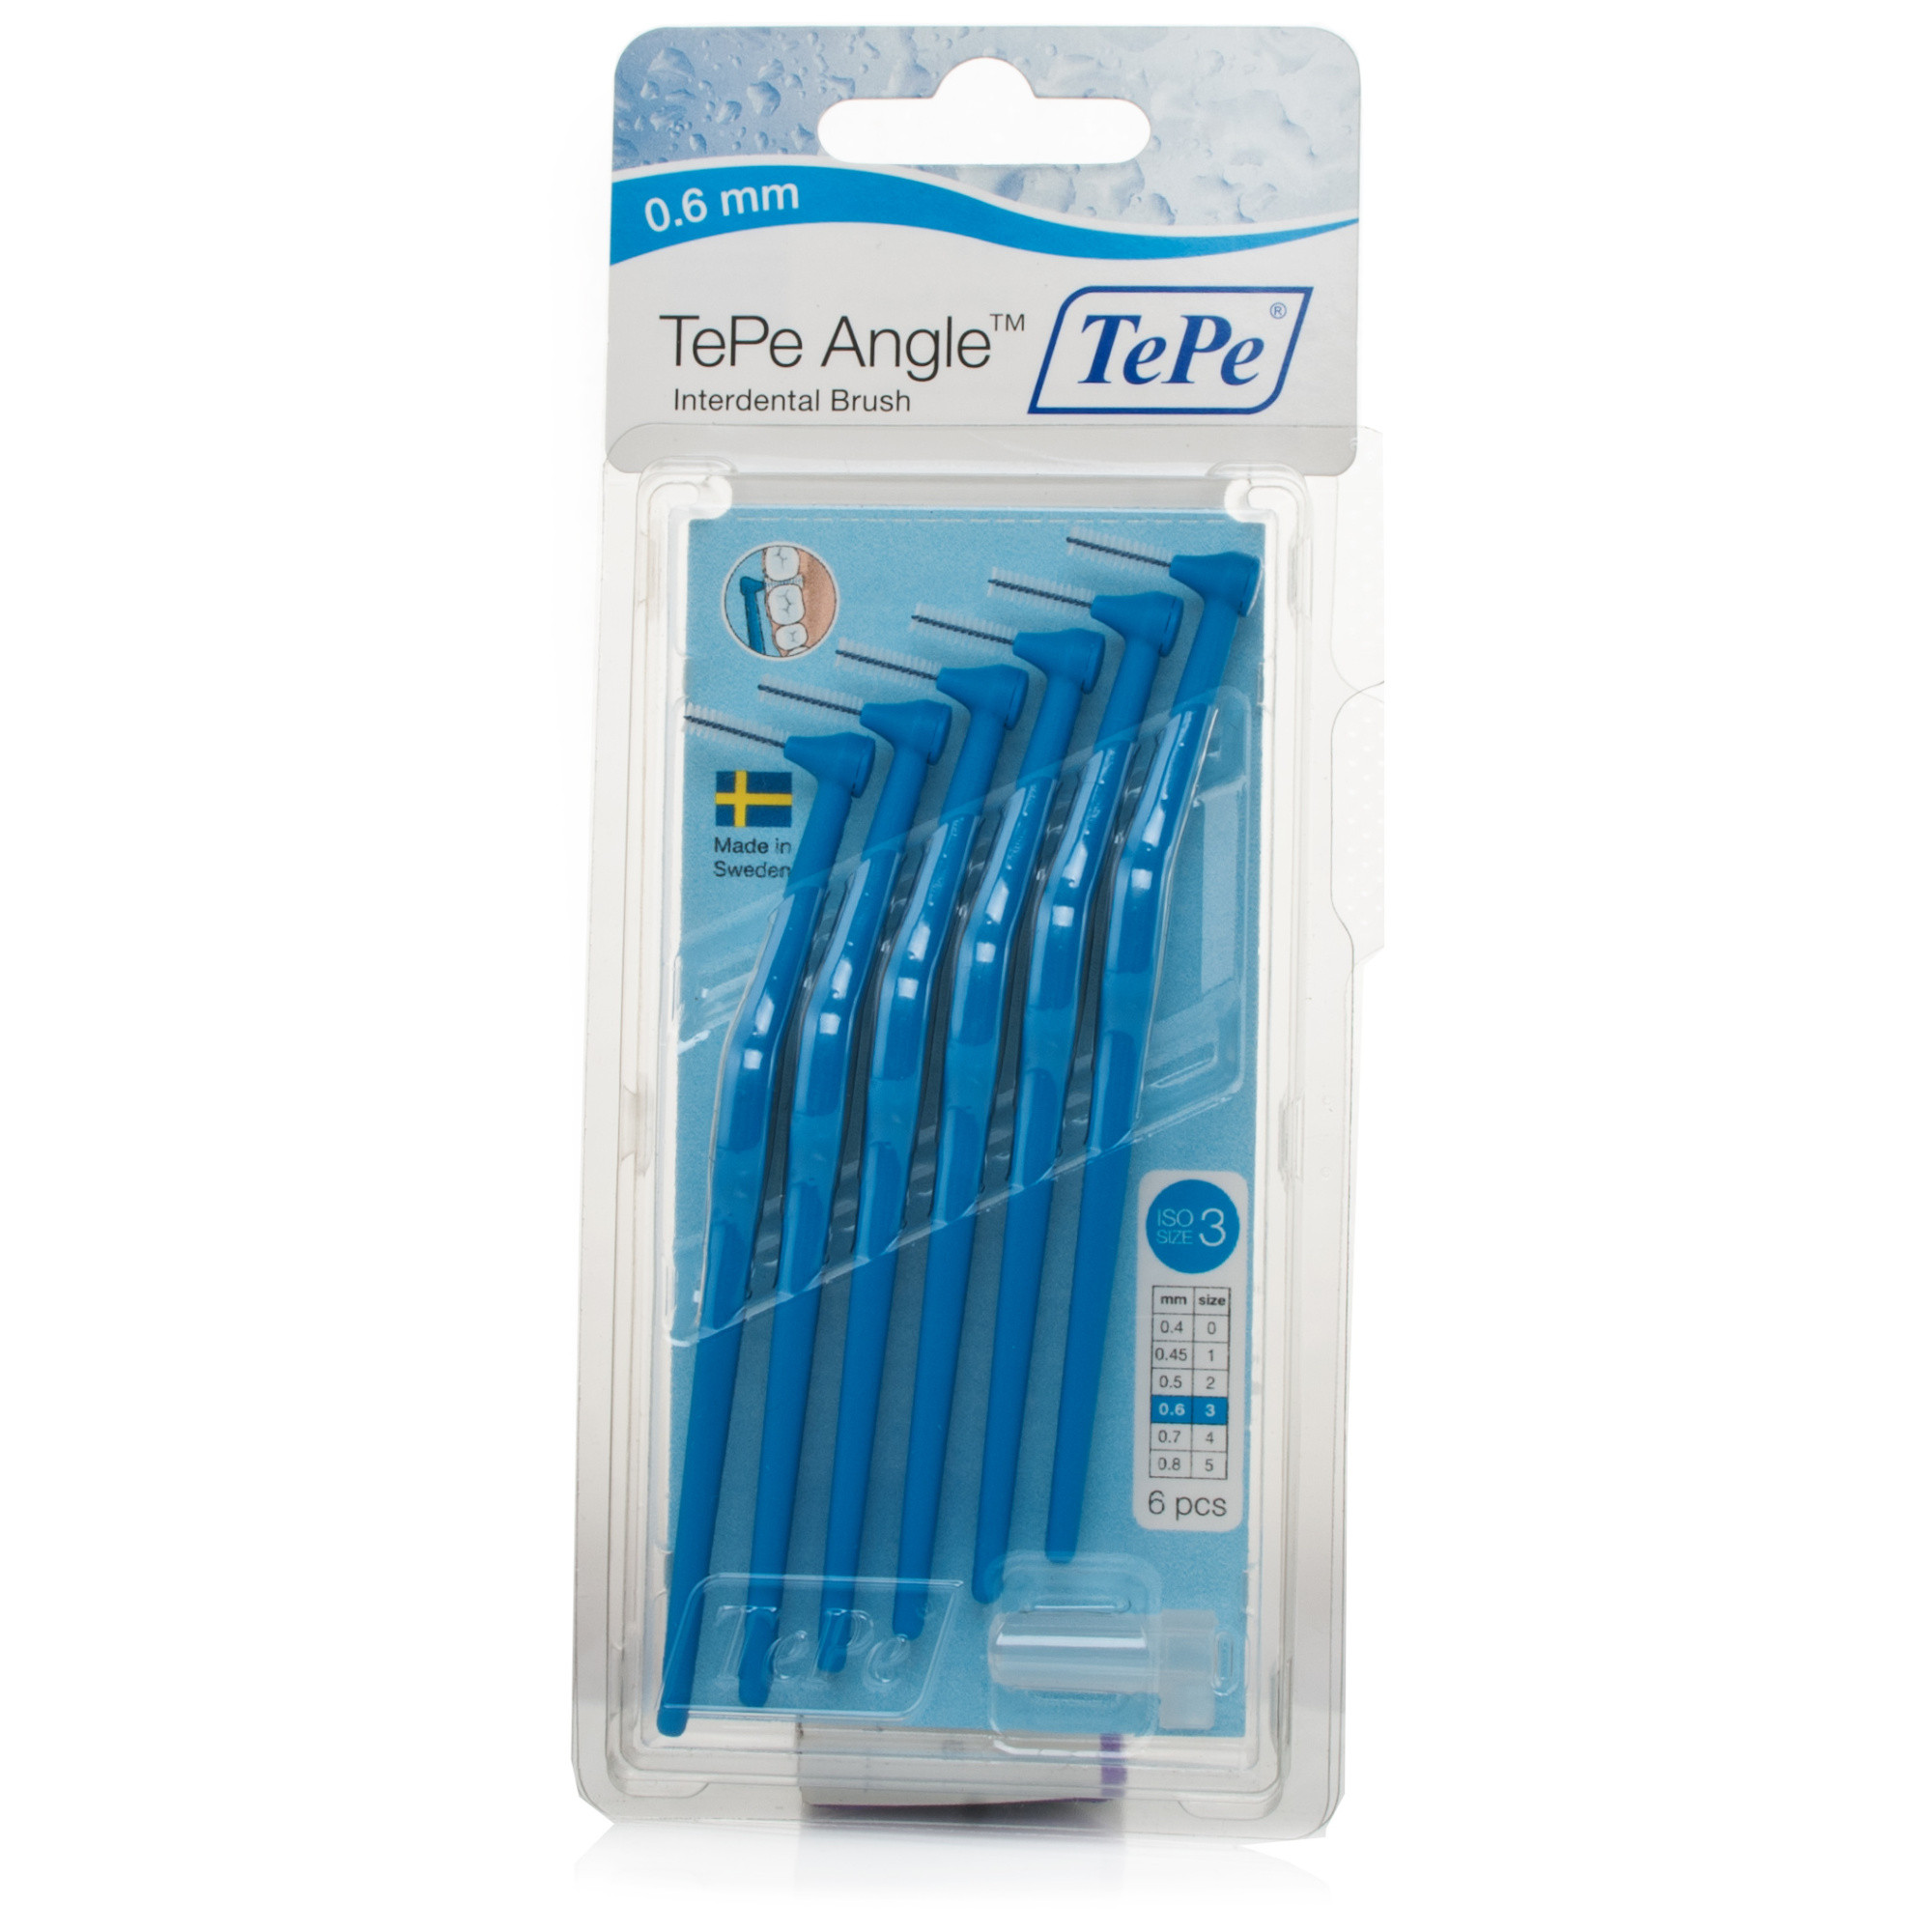 Tepe Angled Interdental Brush Blue